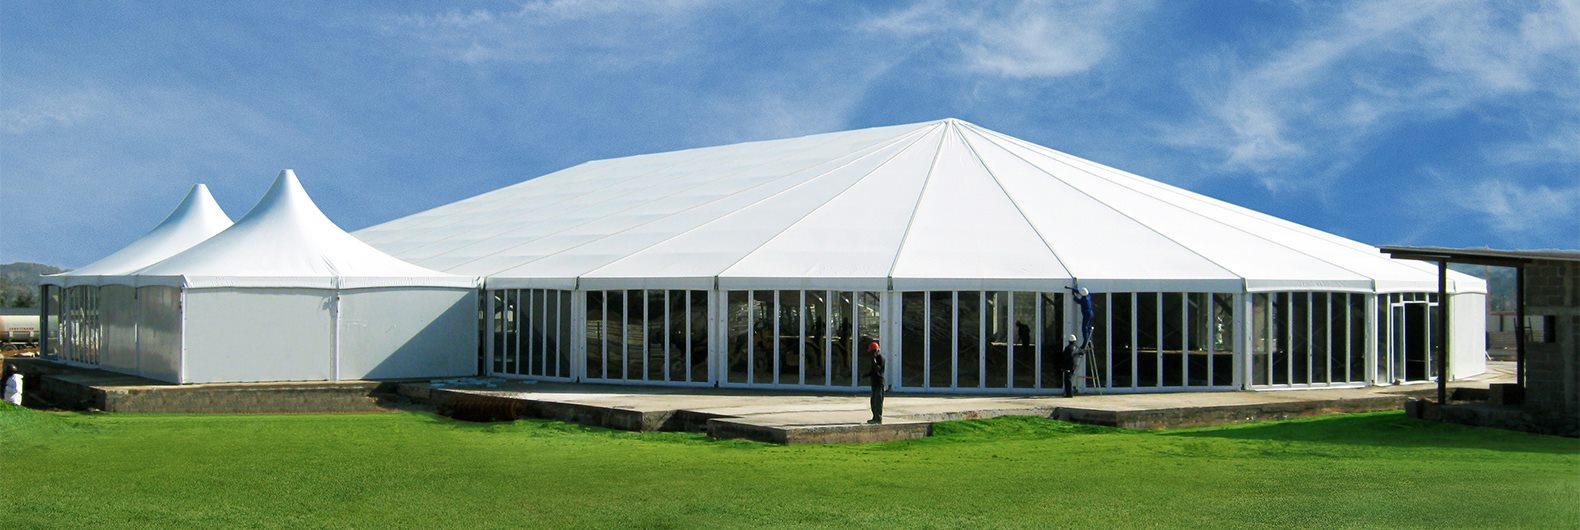 cúpula domo geodésica y carpas para bodas eventos fiestas exposición seminario conferencia Tienda de minería y almacén glamping hotel domo (1)